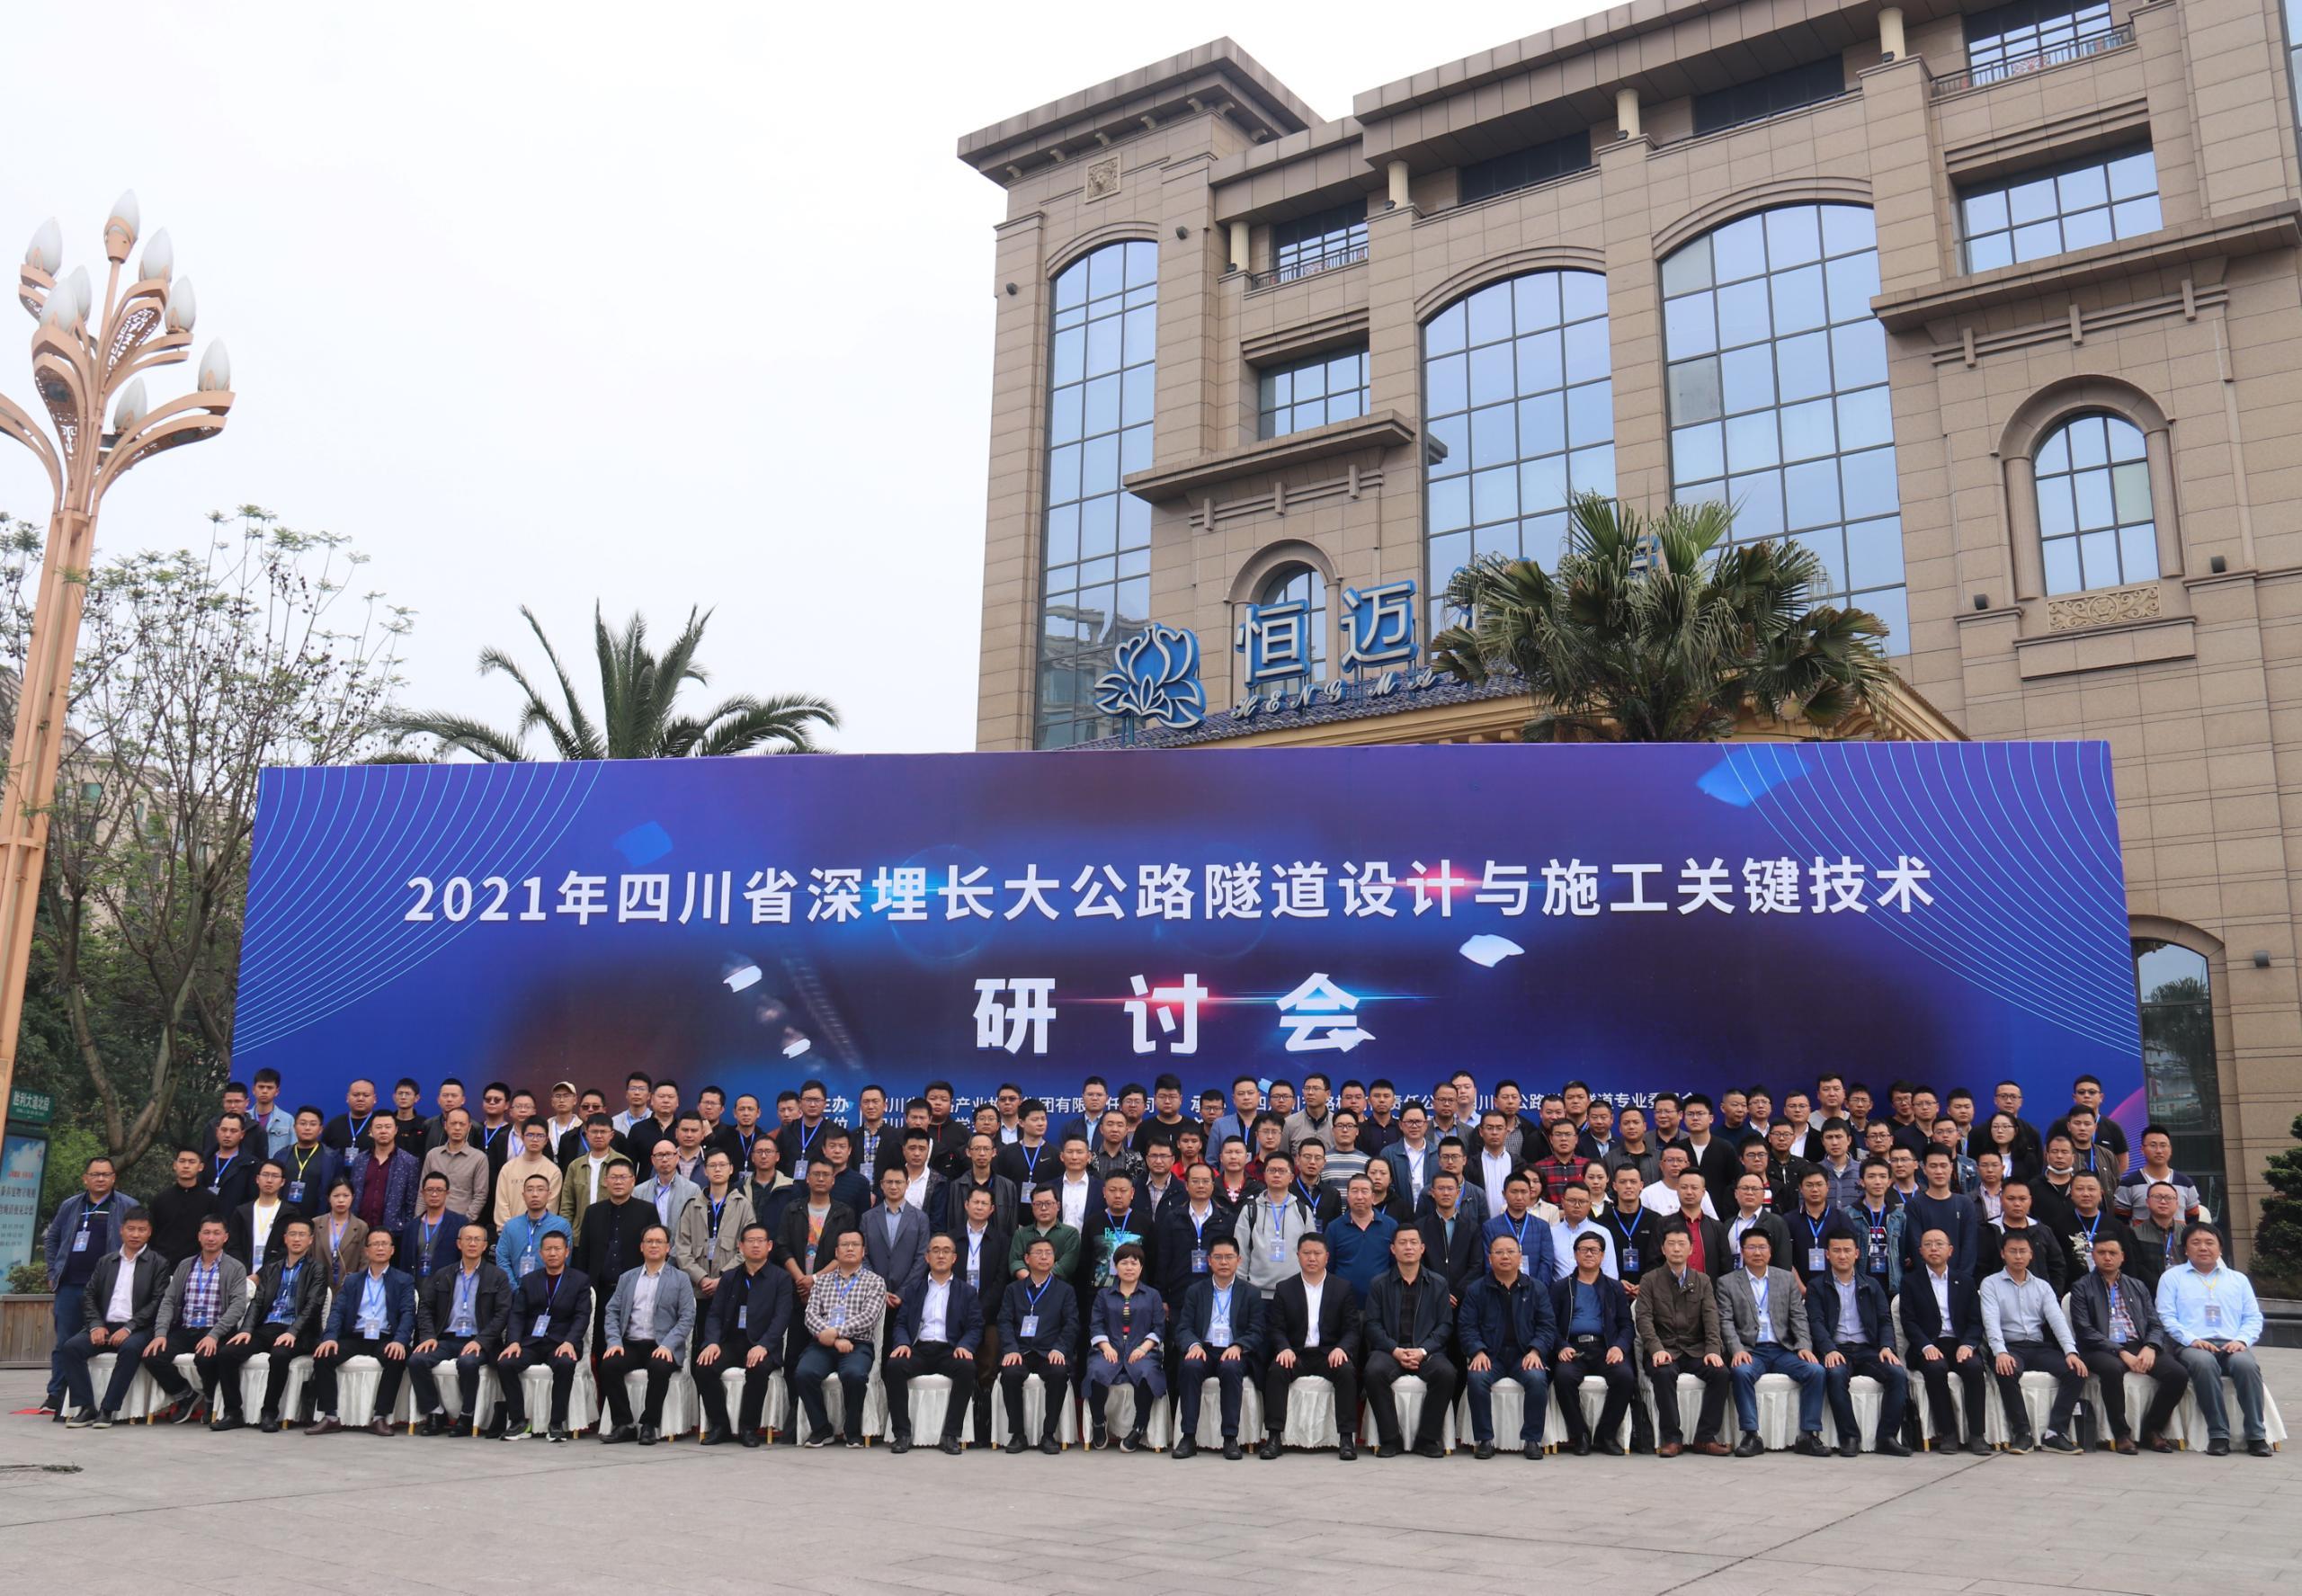 2021年四川省深埋长大公路隧道设计与施工关键技术研讨会顺利召开